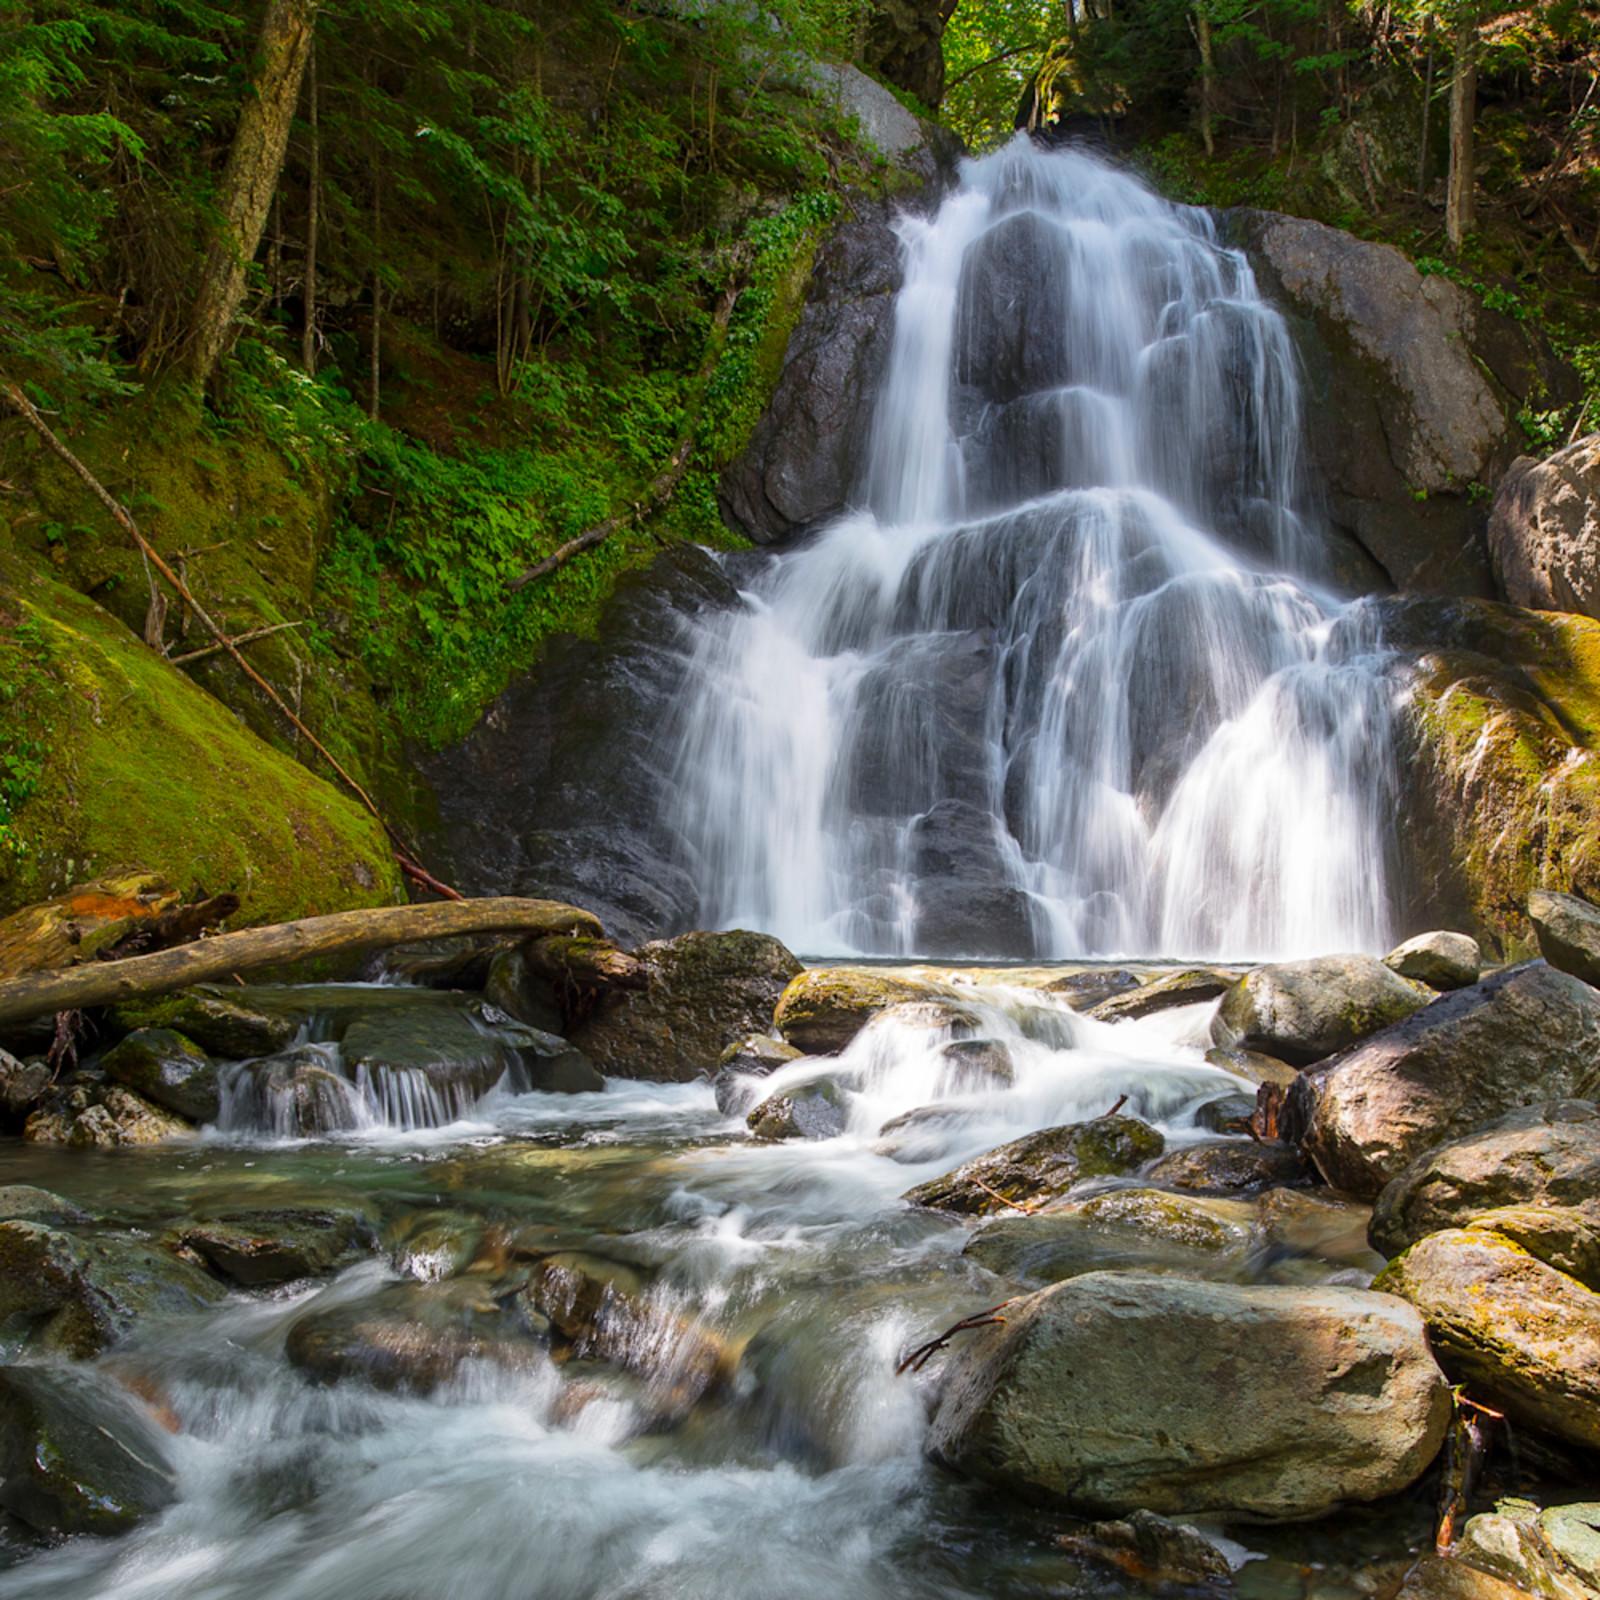 Summer break at moss glen falls echo 4x5 vjgd2j